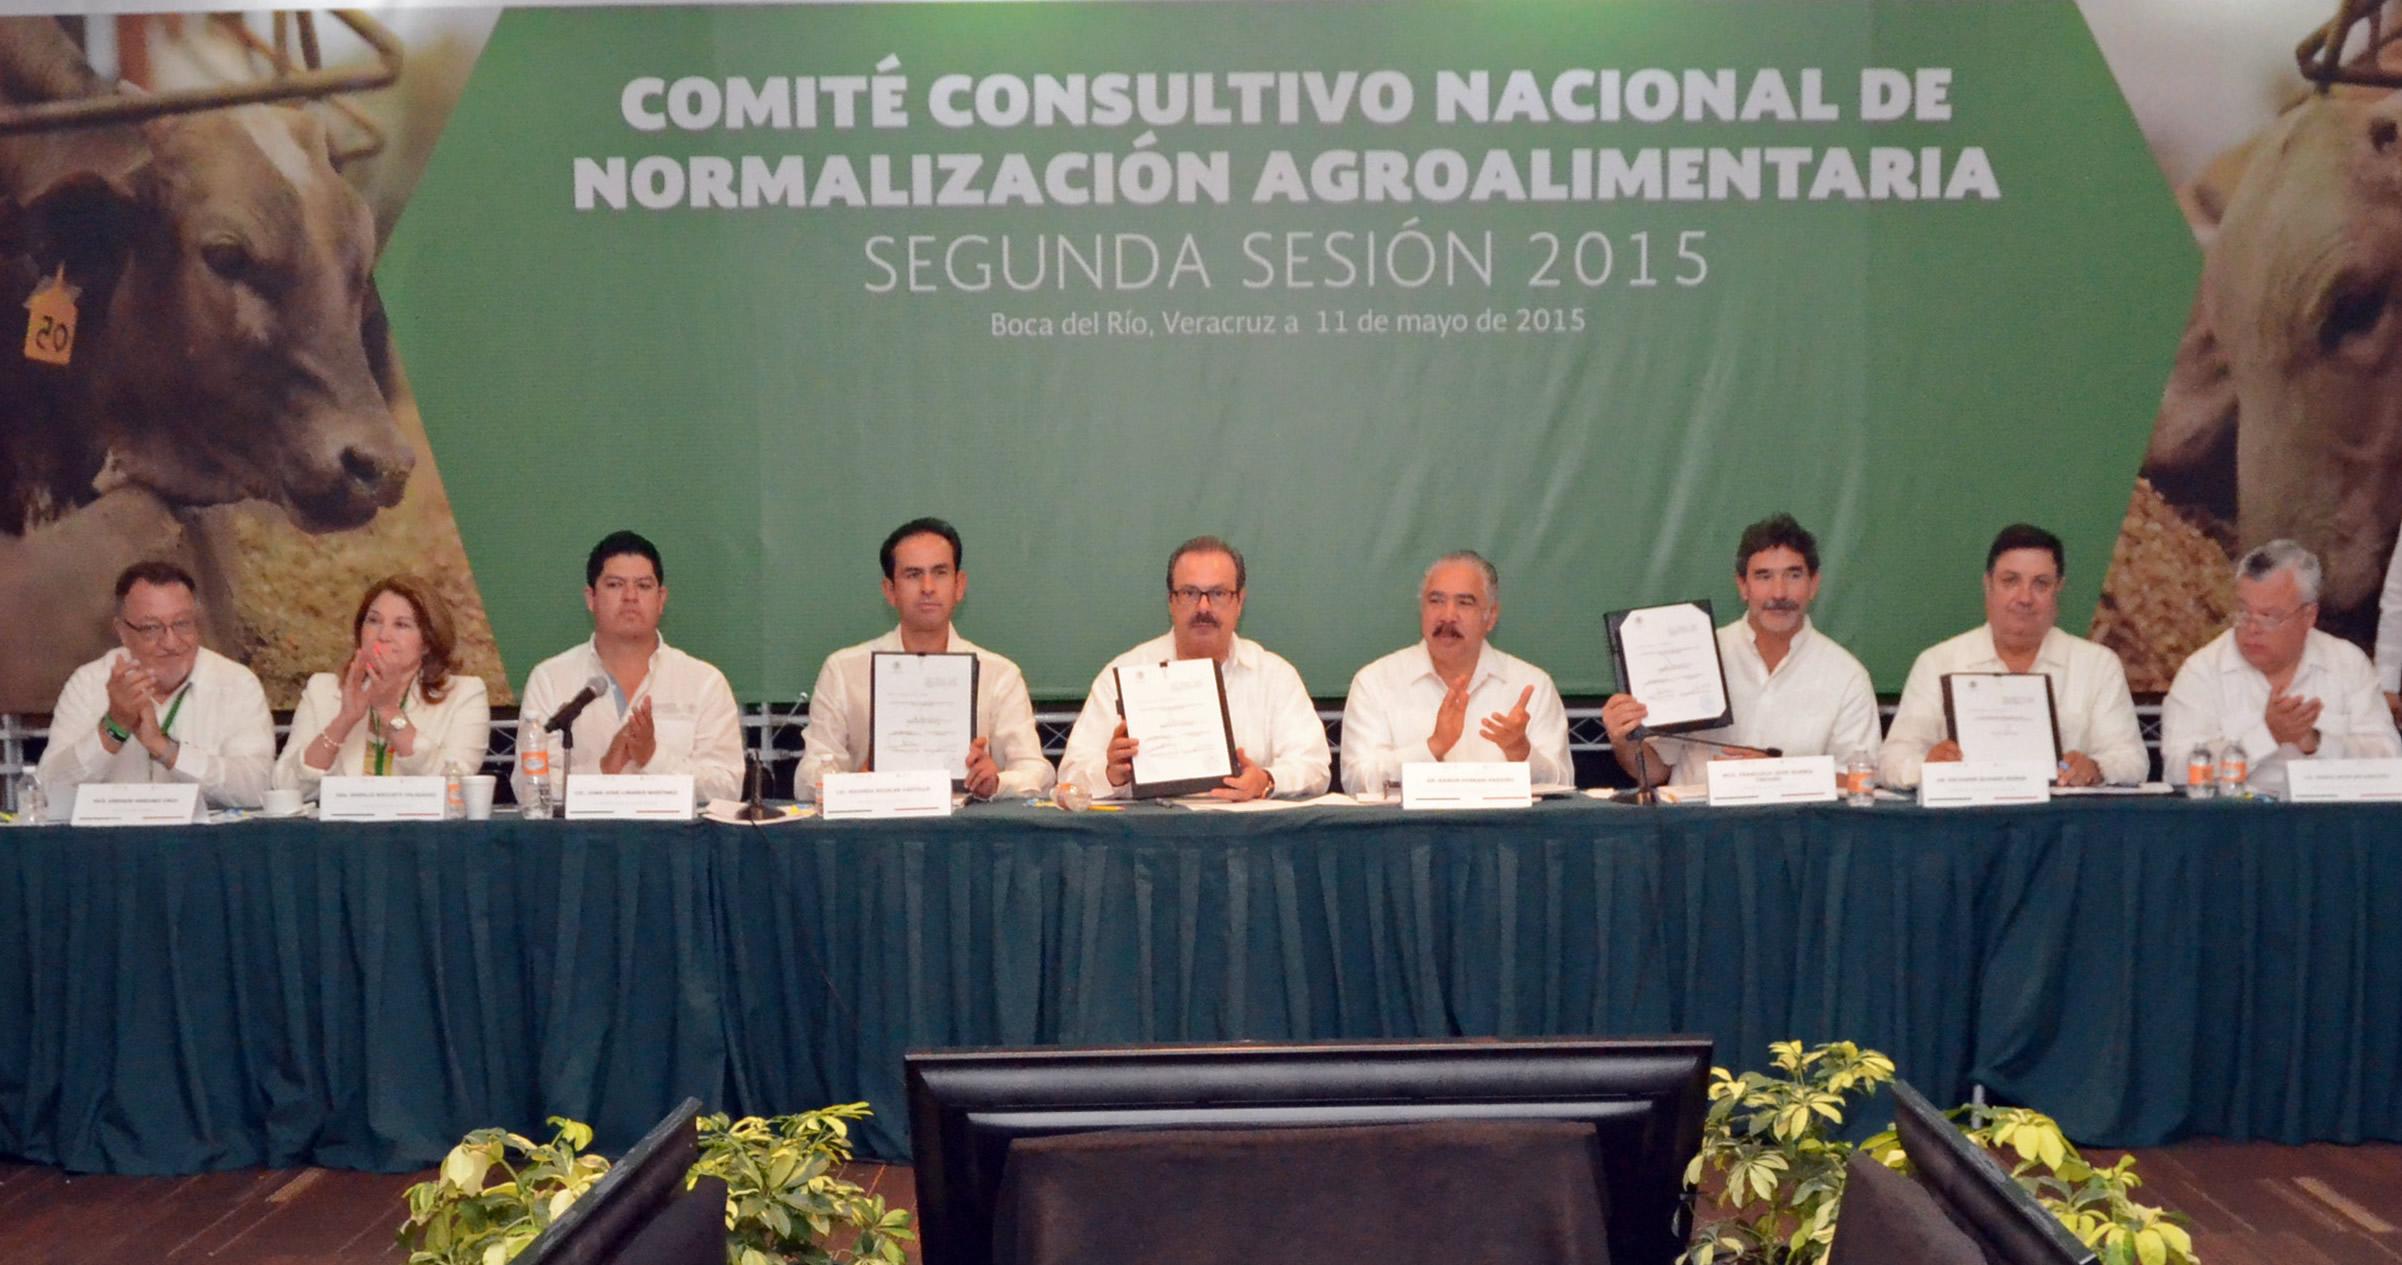 Participa titular de la SAGARPA, Enrique Martínez y Martínez, en la segunda sesión ordinaria del Comité Consultivo Nacional de Normalización Agroalimentaria.